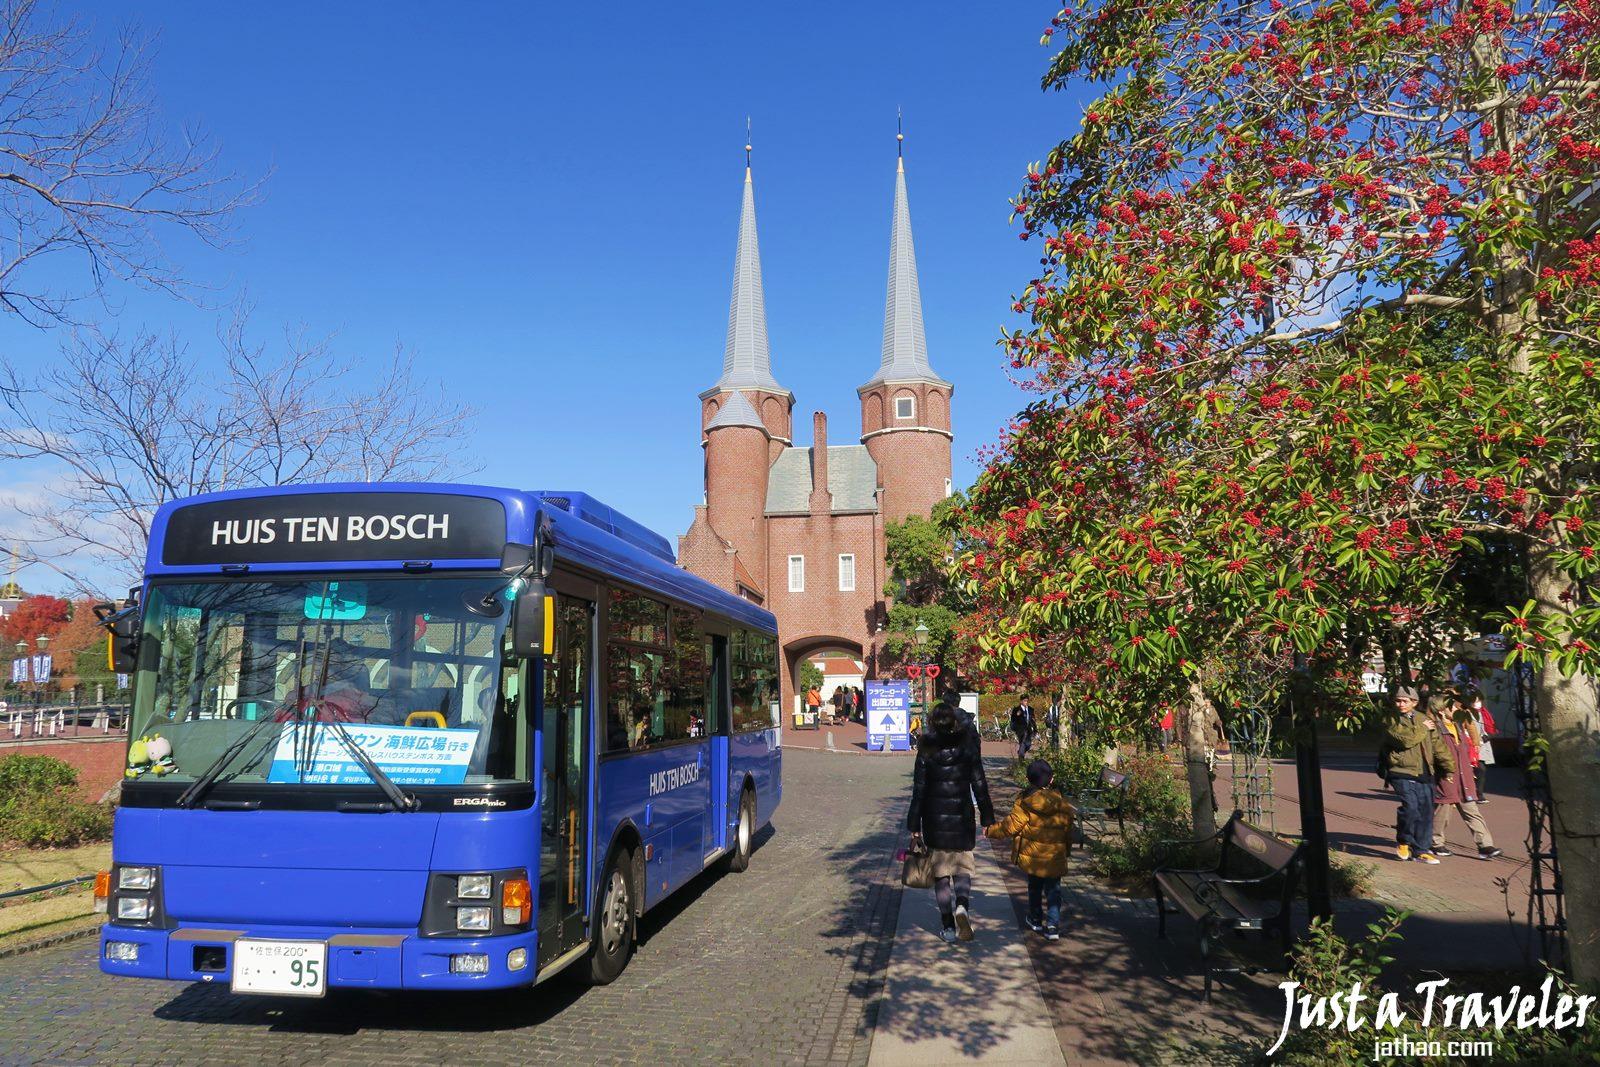 九州-長崎-景點-推薦-豪斯登堡-豪斯登堡交通-豪斯登堡行程-豪斯登堡攻略-豪斯登堡一日遊-巴士-公車-Bus-行程-旅遊-自由行-Kyushu-Huis Ten Bosch-Travel-Japan